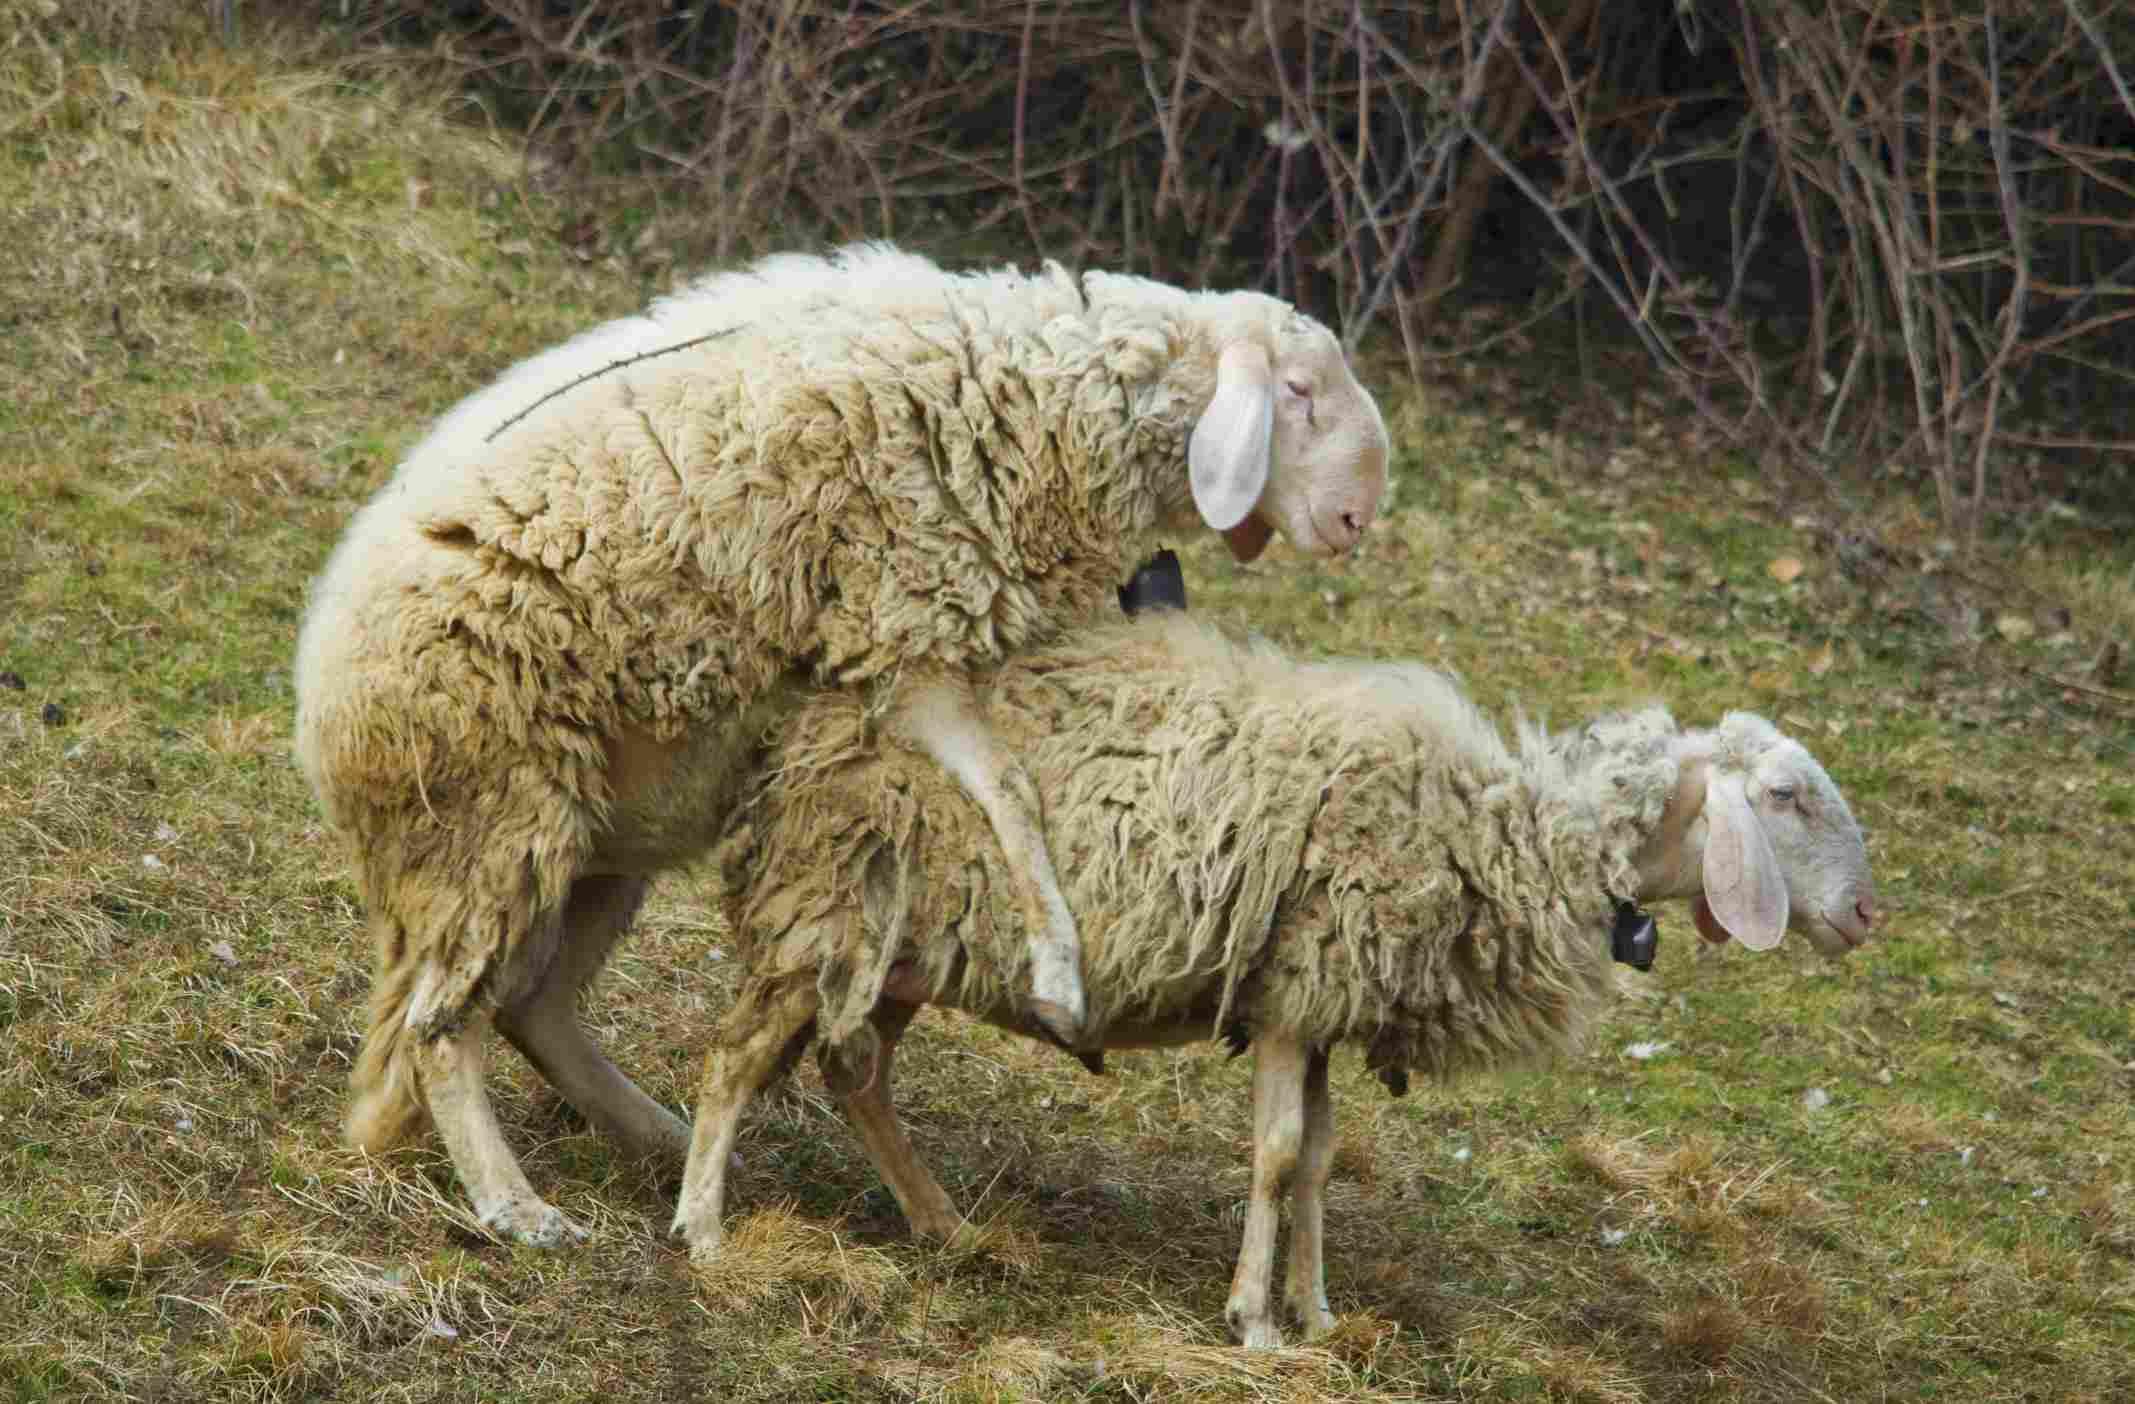 Sheep Mating